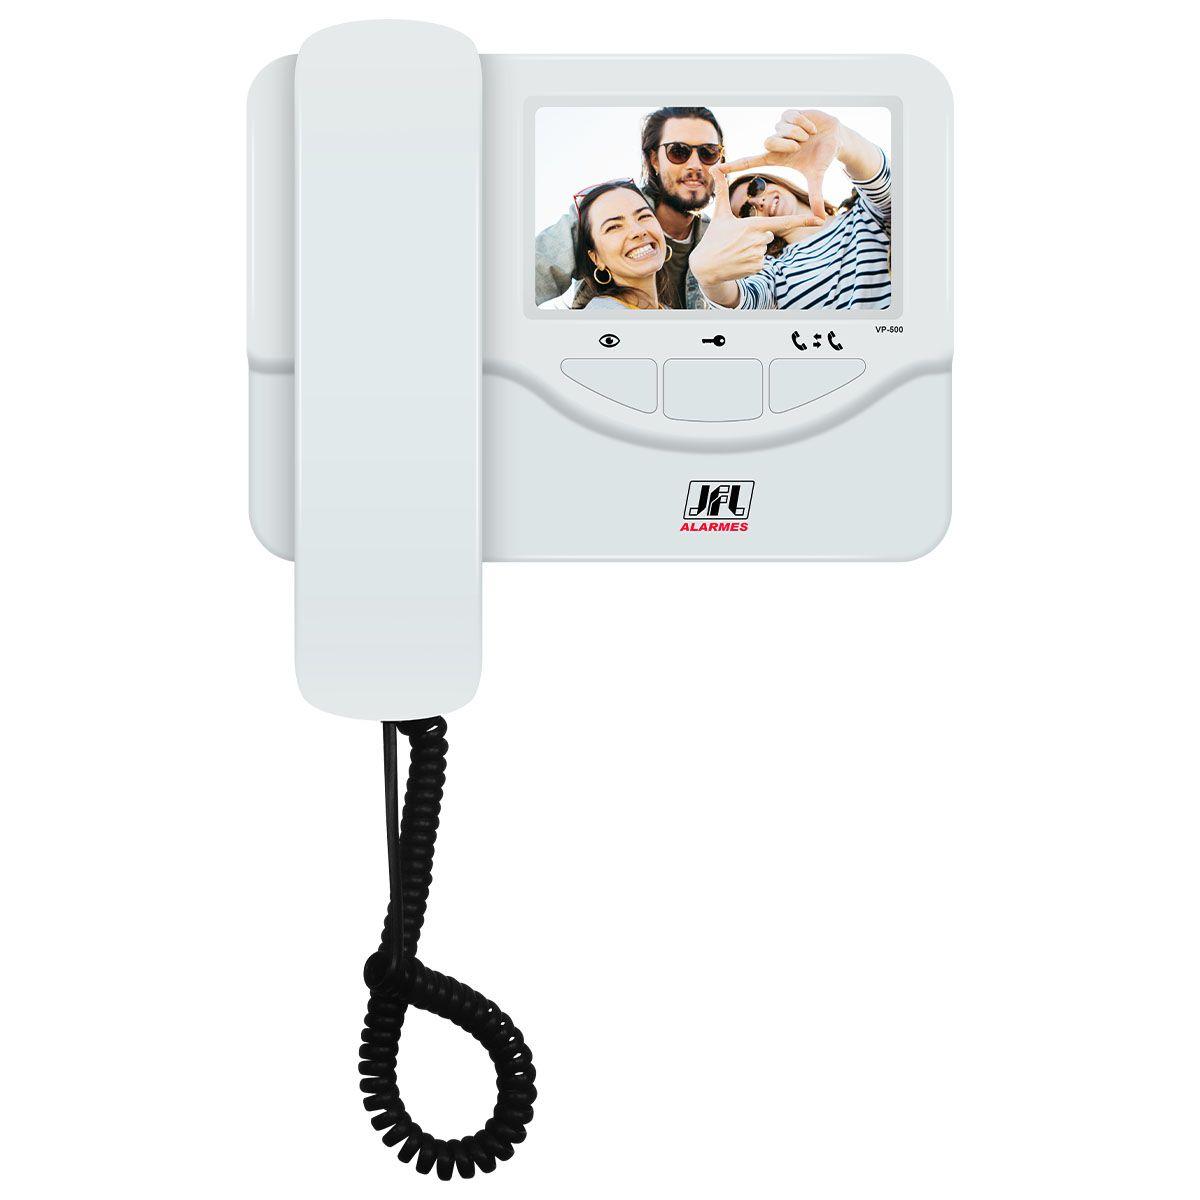 Video Porteiro Colorido Tela De 4,3 Vp 500 Com Monofone Jfl